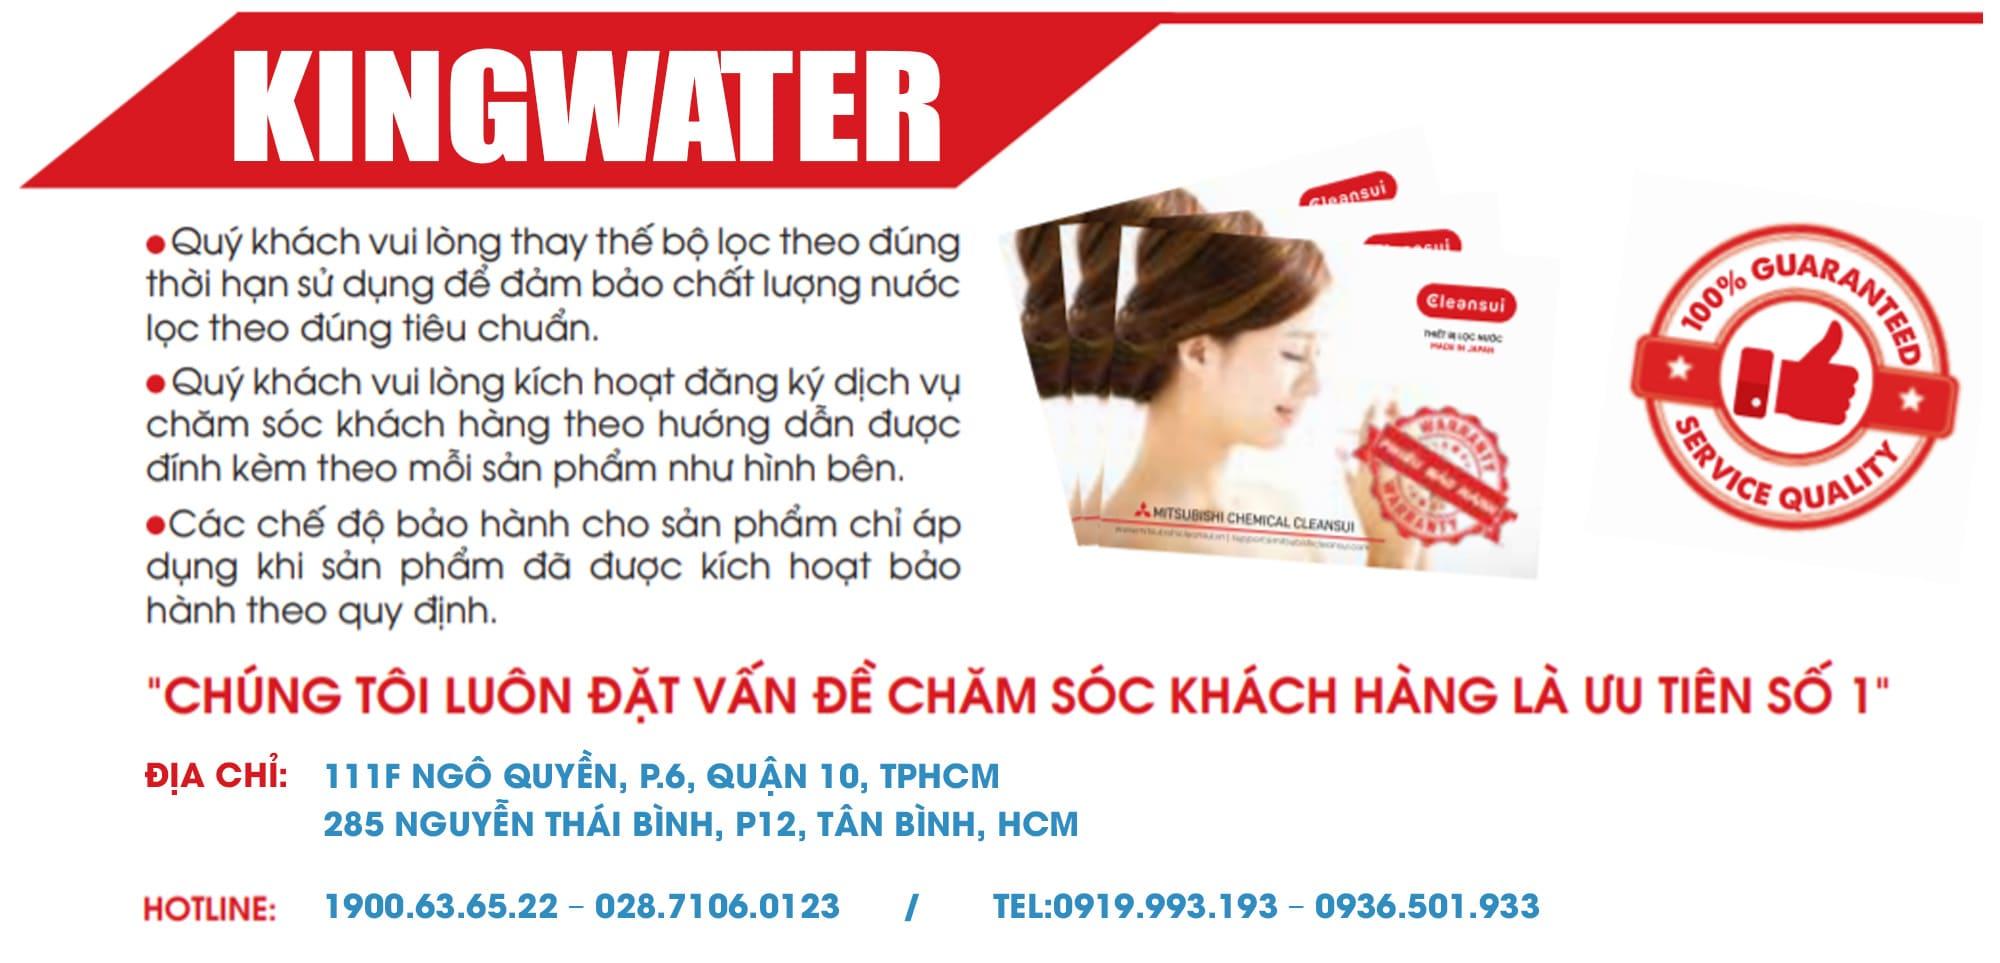 Hiện nay KingWater là công ty phân phối máy lọc Cleansui chính hãng